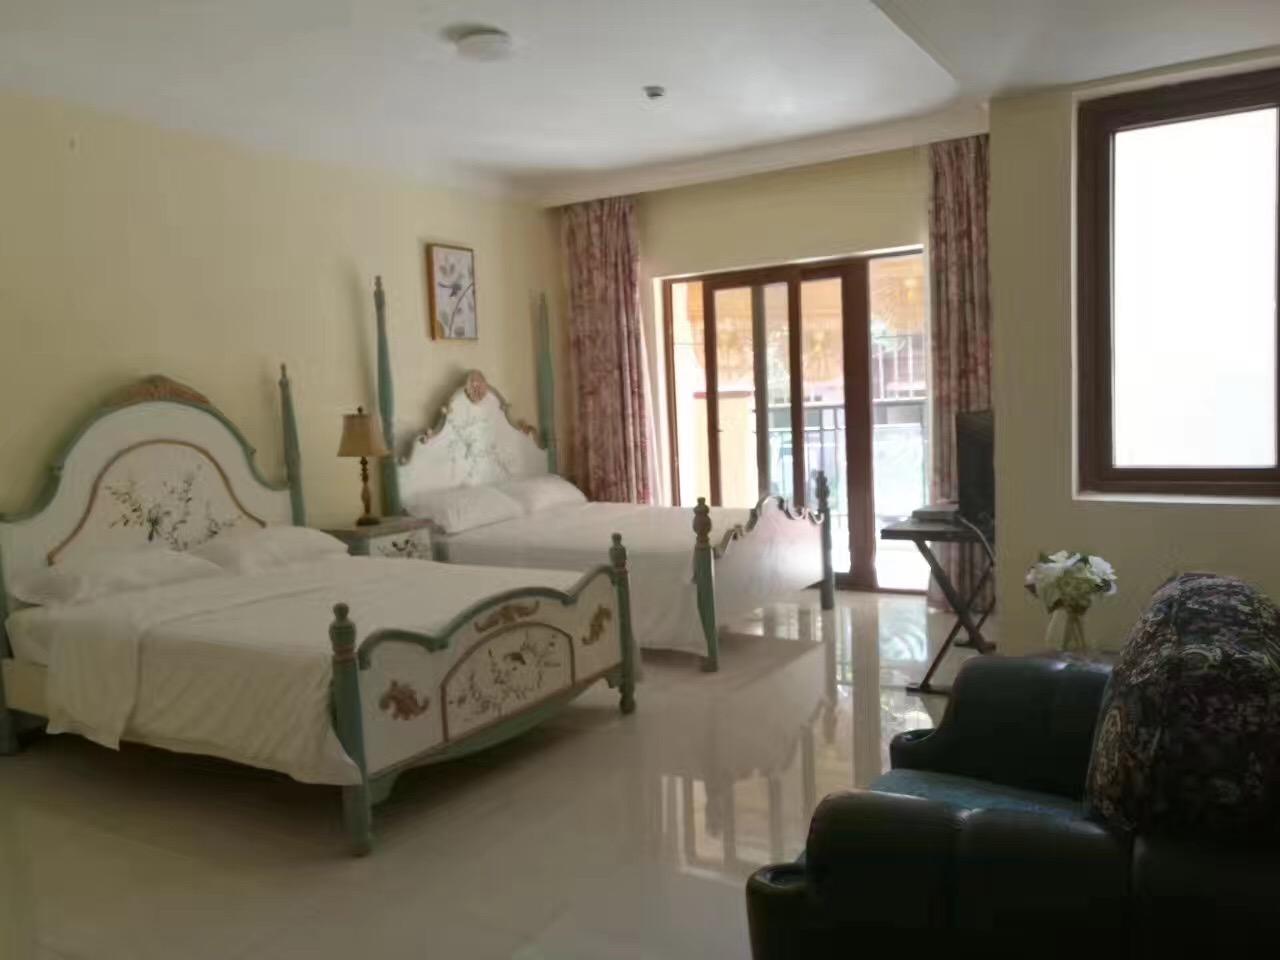 云南西双版纳万达国际度假酒店式公寓新房